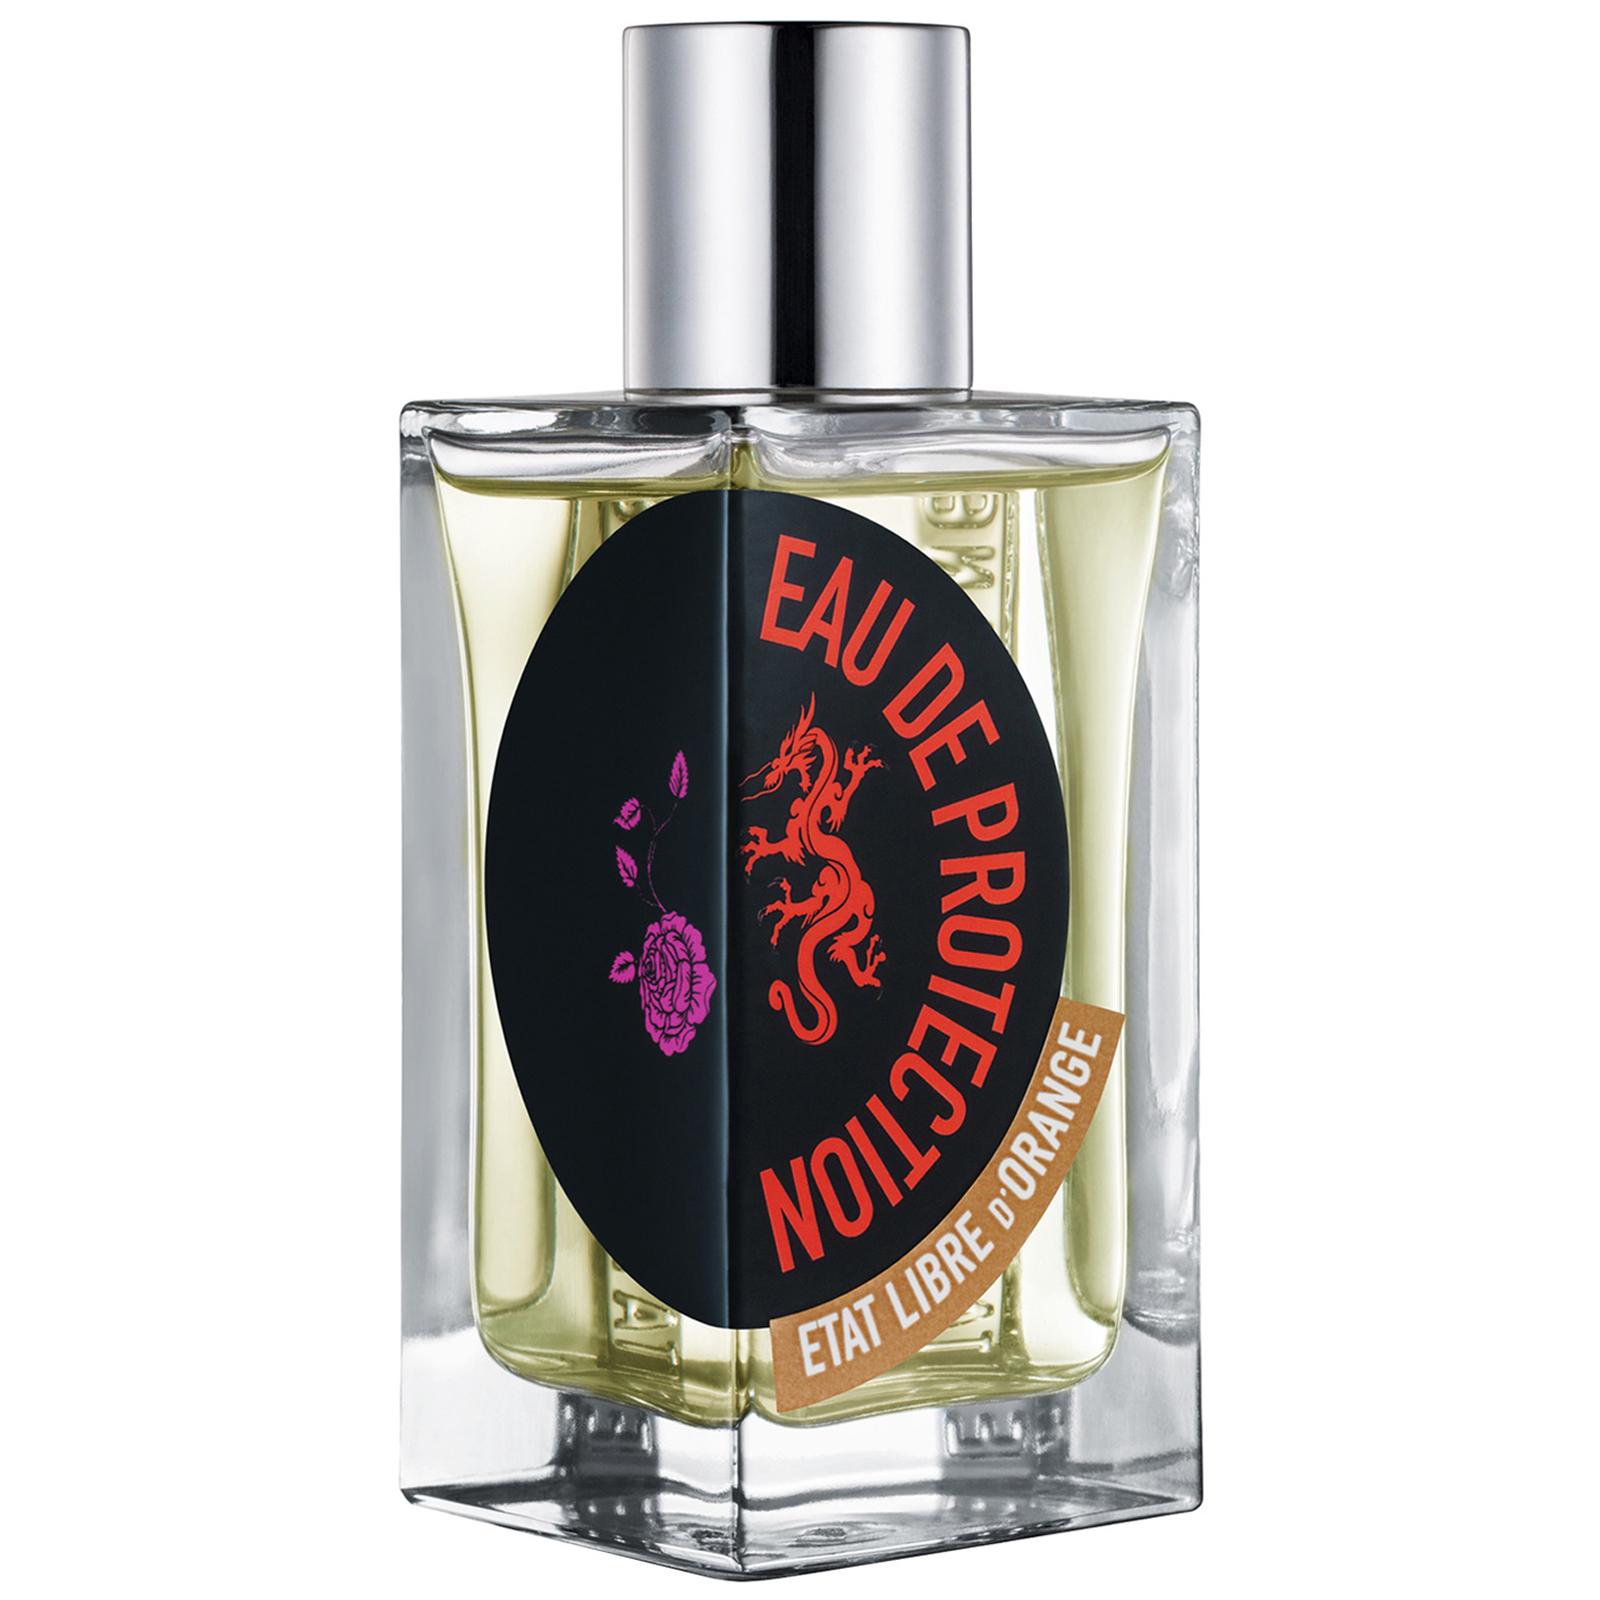 Eau de protection profumo eau de parfum 100 ml